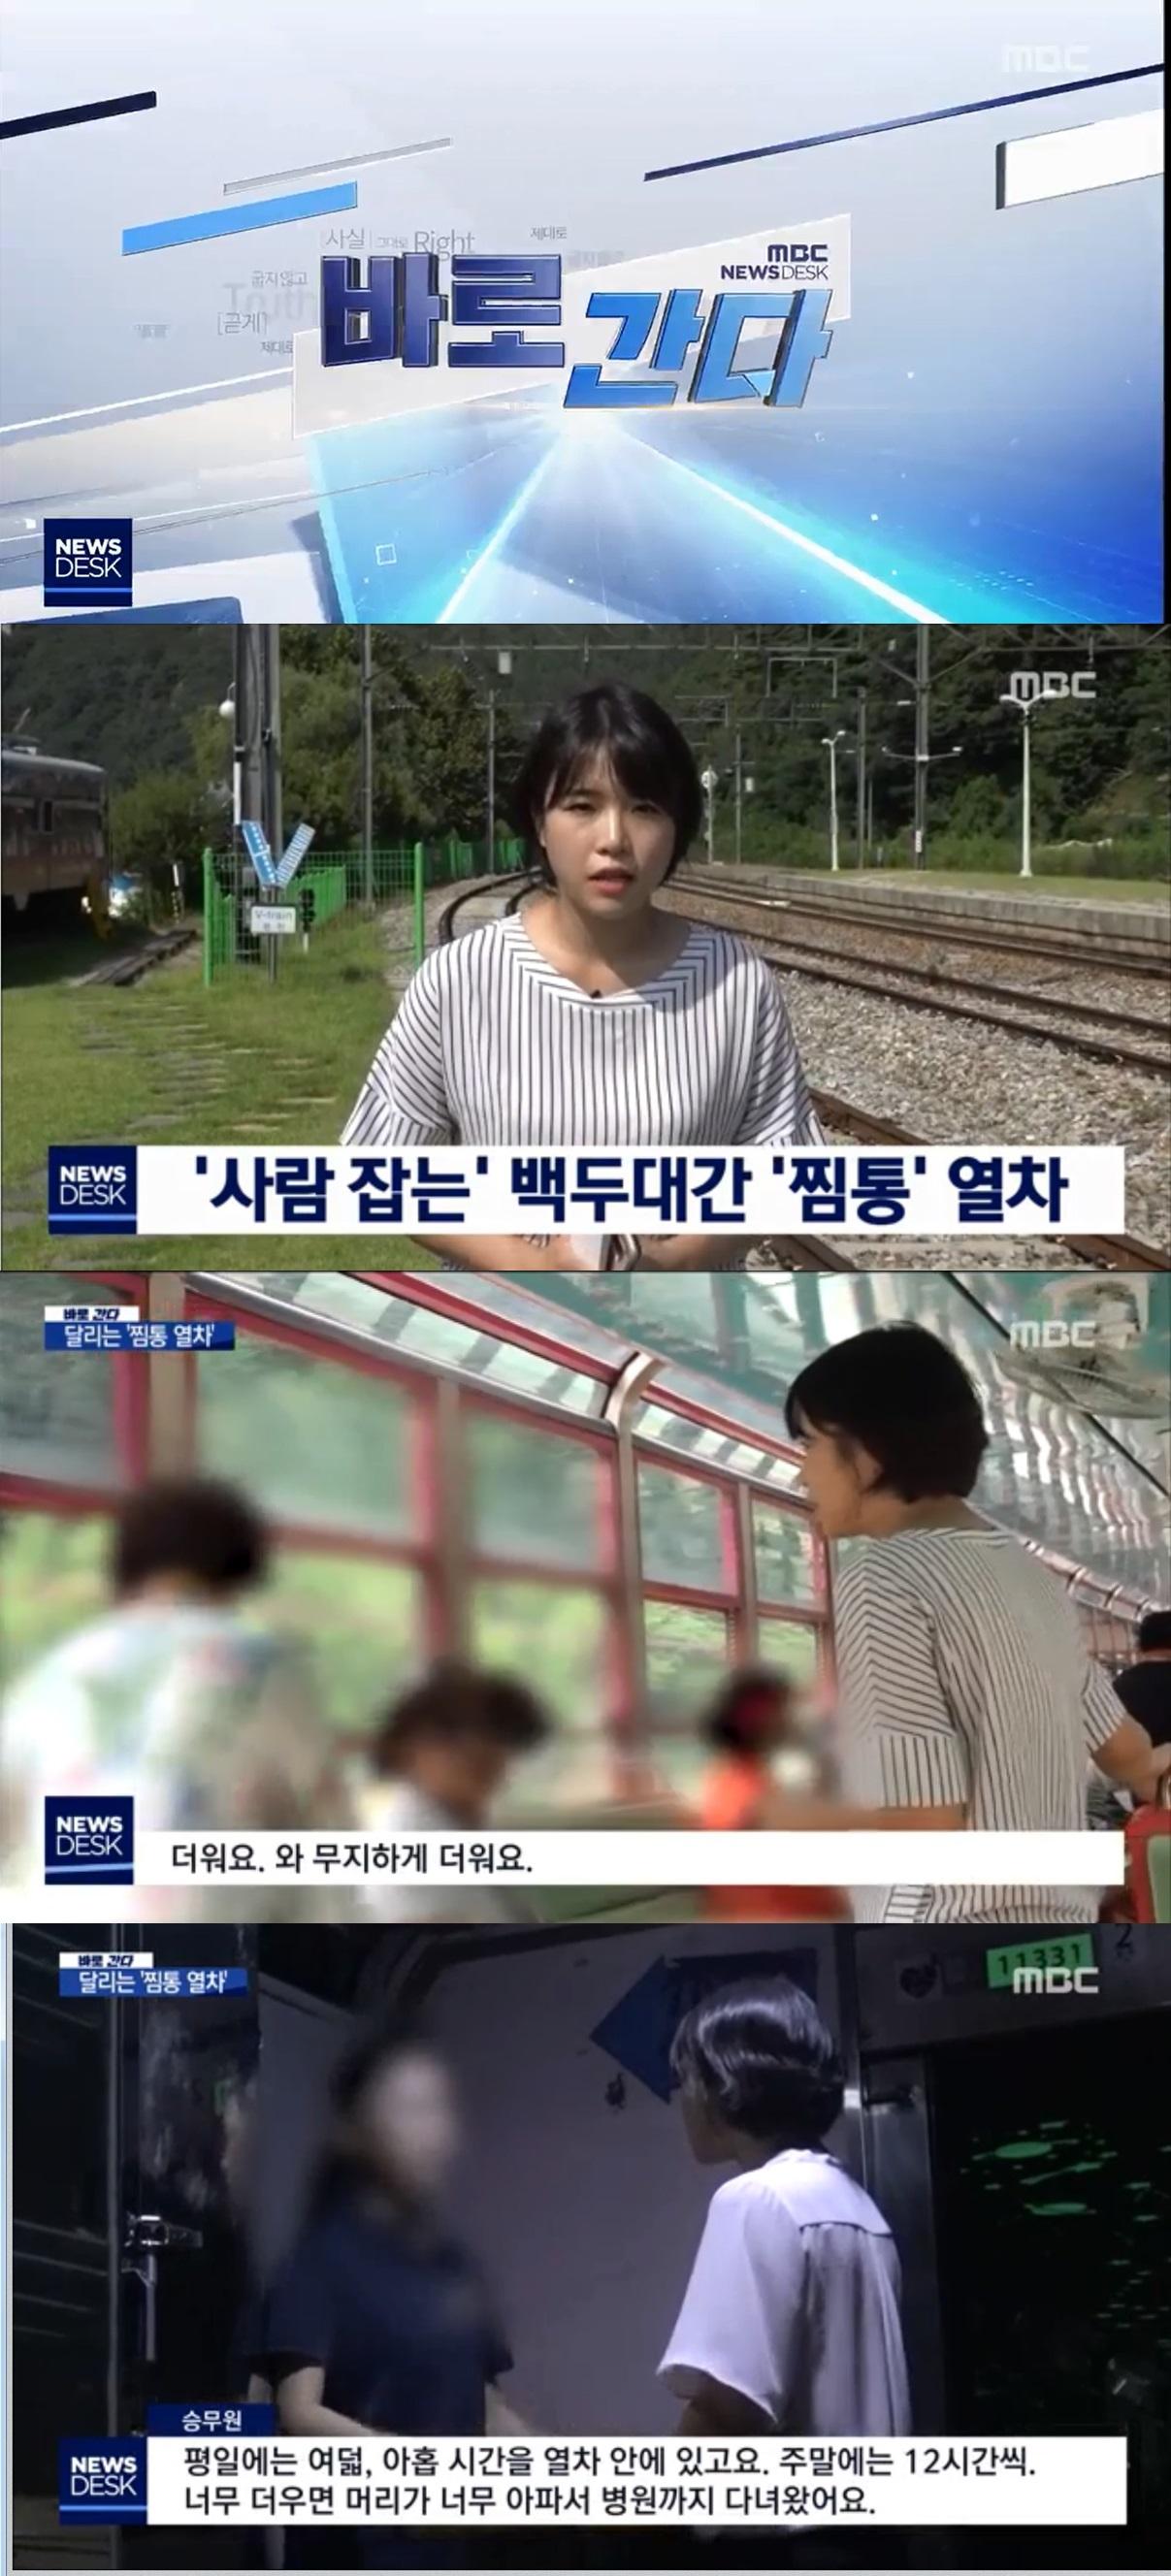 '뉴스데스크' 에어컨 없는 관광열차 현장 취재! '사람 잡는 백두대간 찜통 열차'